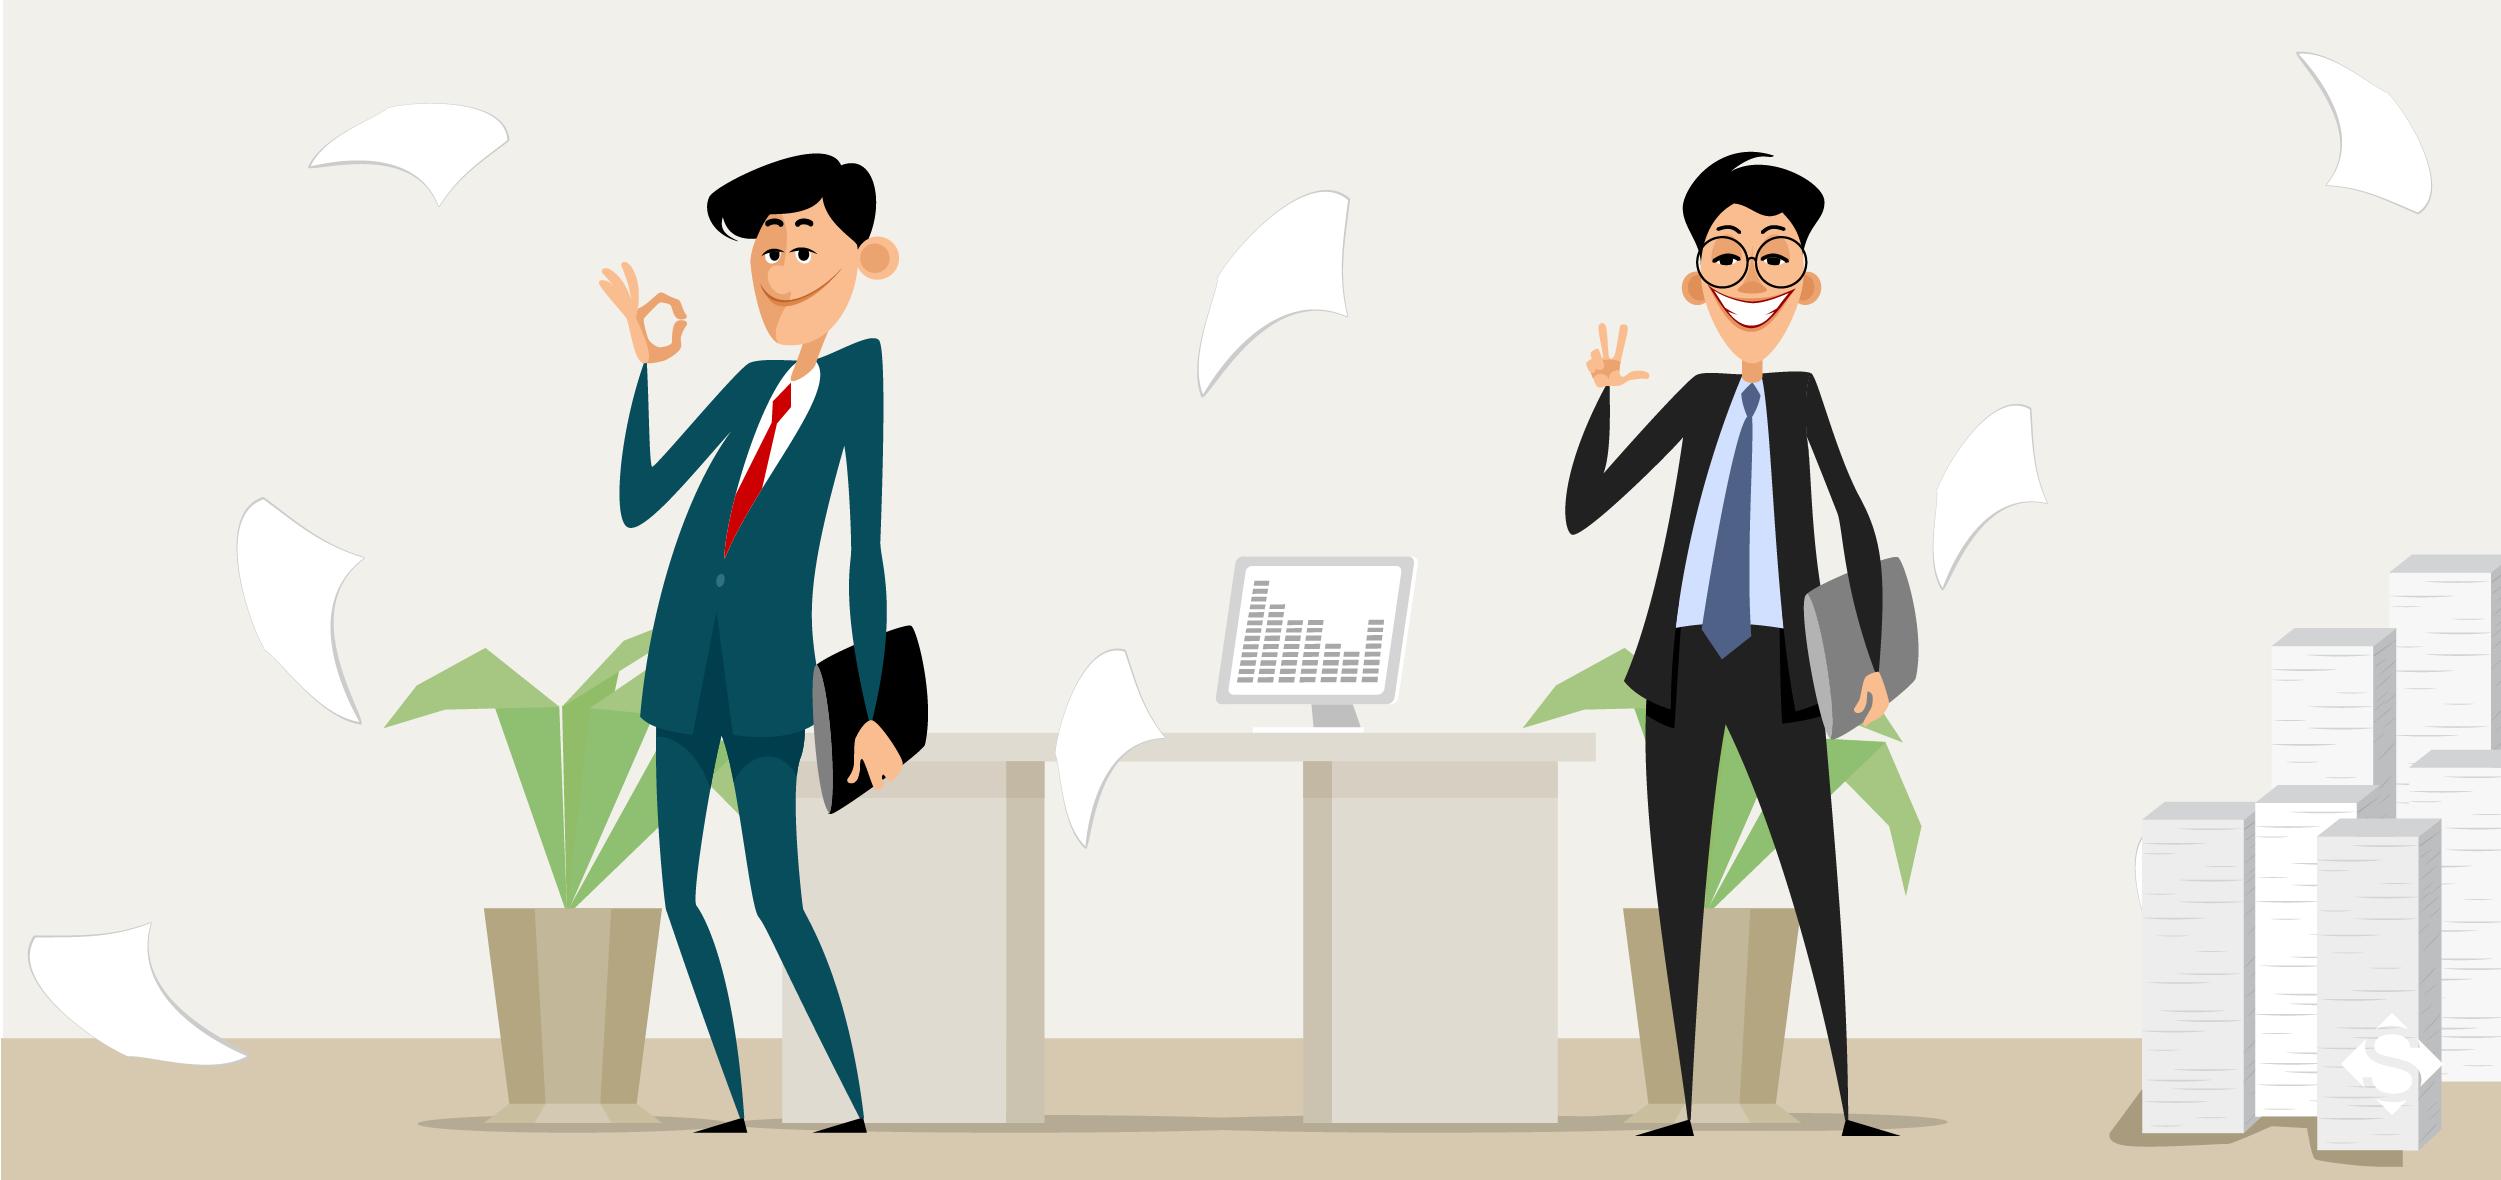 ilustração de dois homens, com suas licenças necessárias para abrir empresa